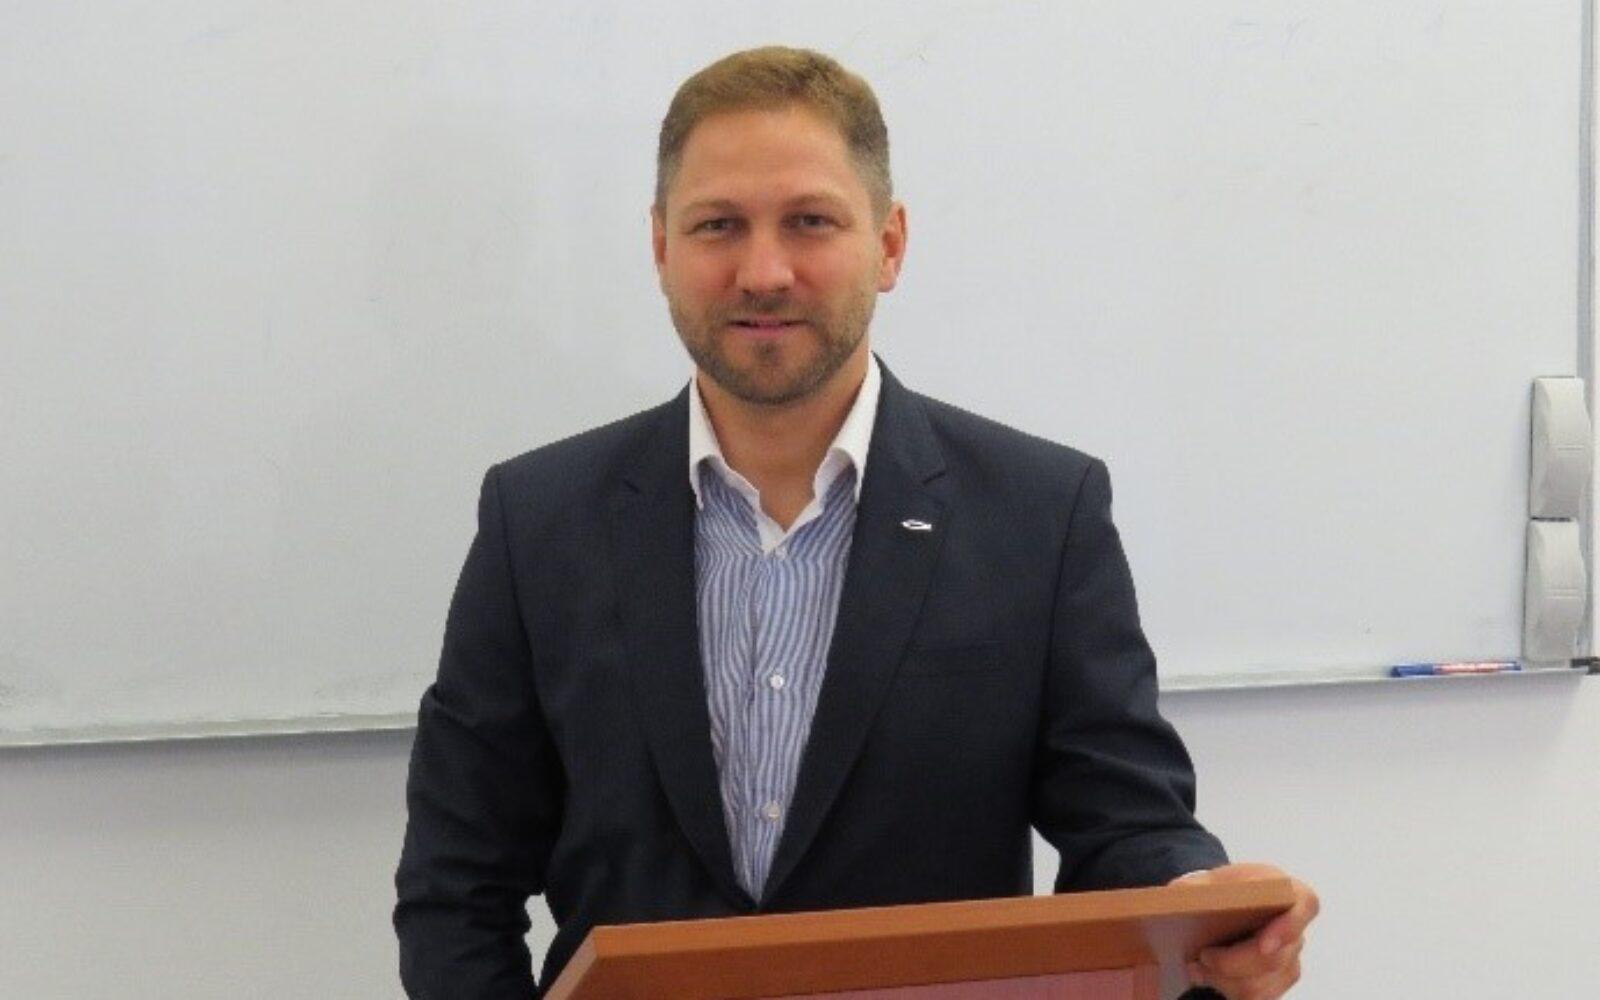 'Plenković nepotrebno mjeri ego s Milanovićem, a u tome će glatko izgubiti'